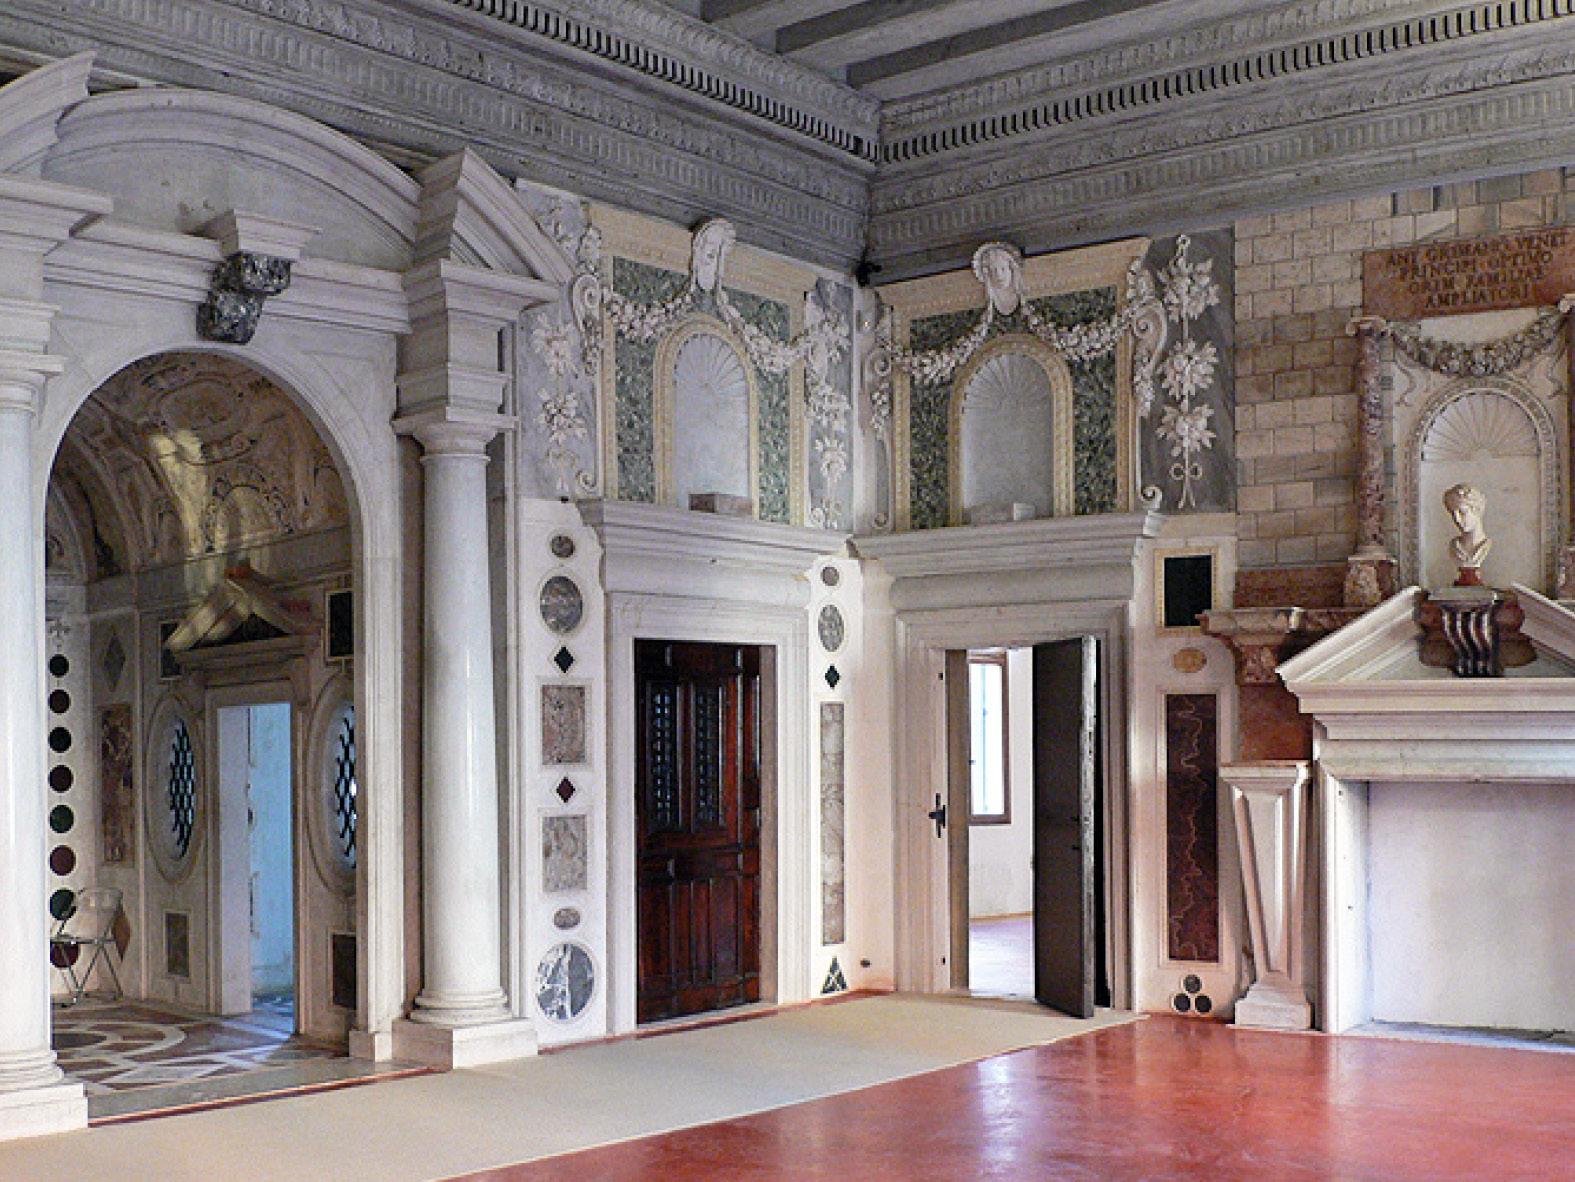 Palazzo Grimani in Venezia